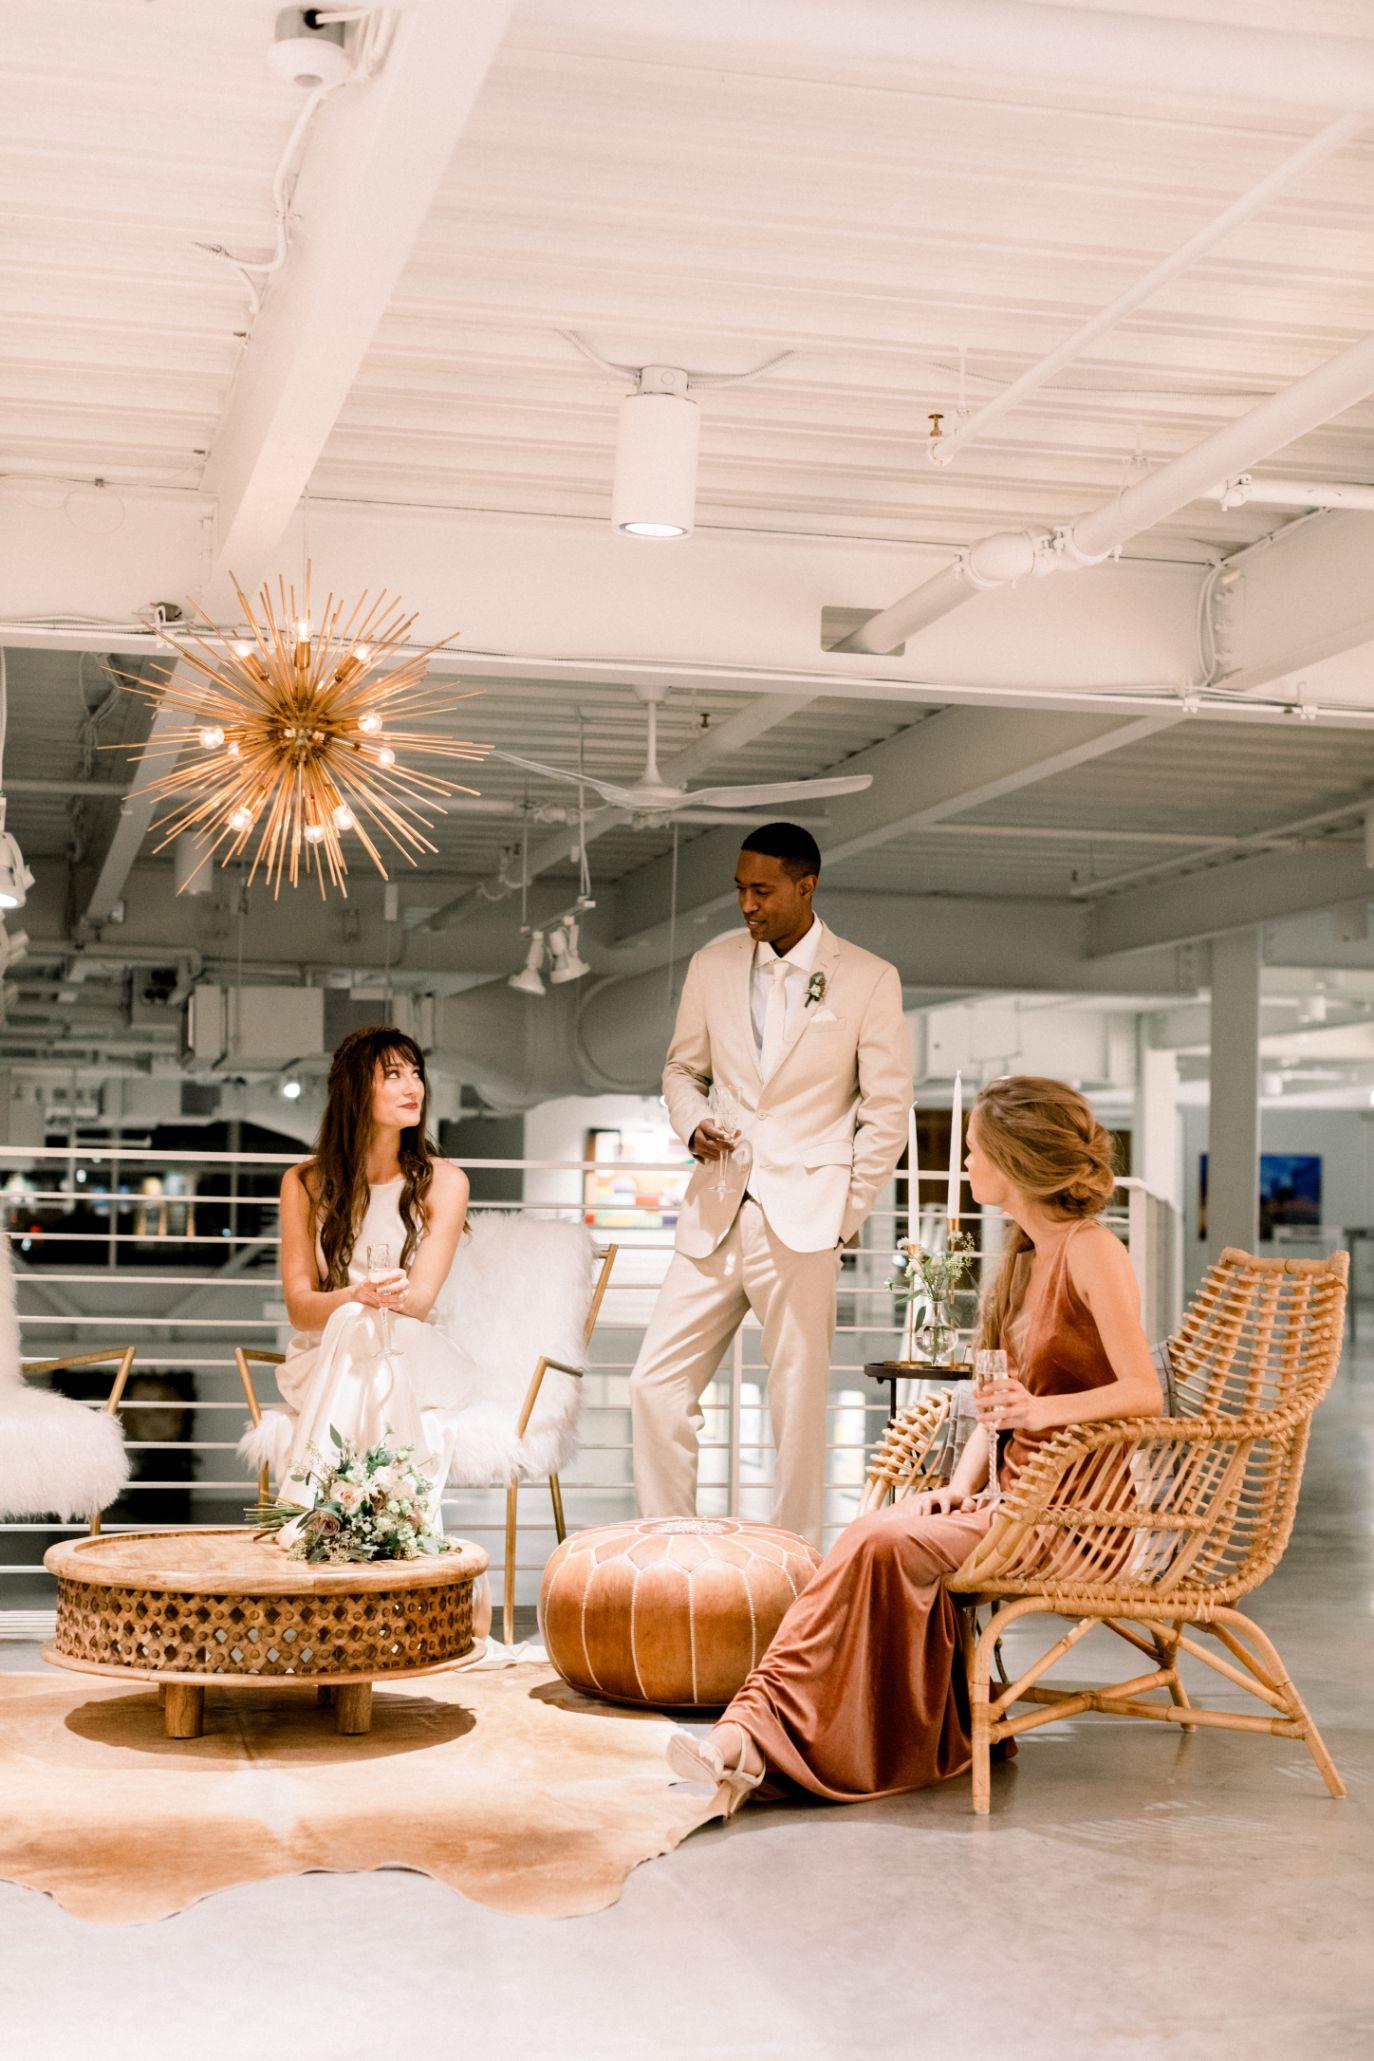 artists-for-humanity-industrial-bohemian-wedding-daylynn-designs383.jpg